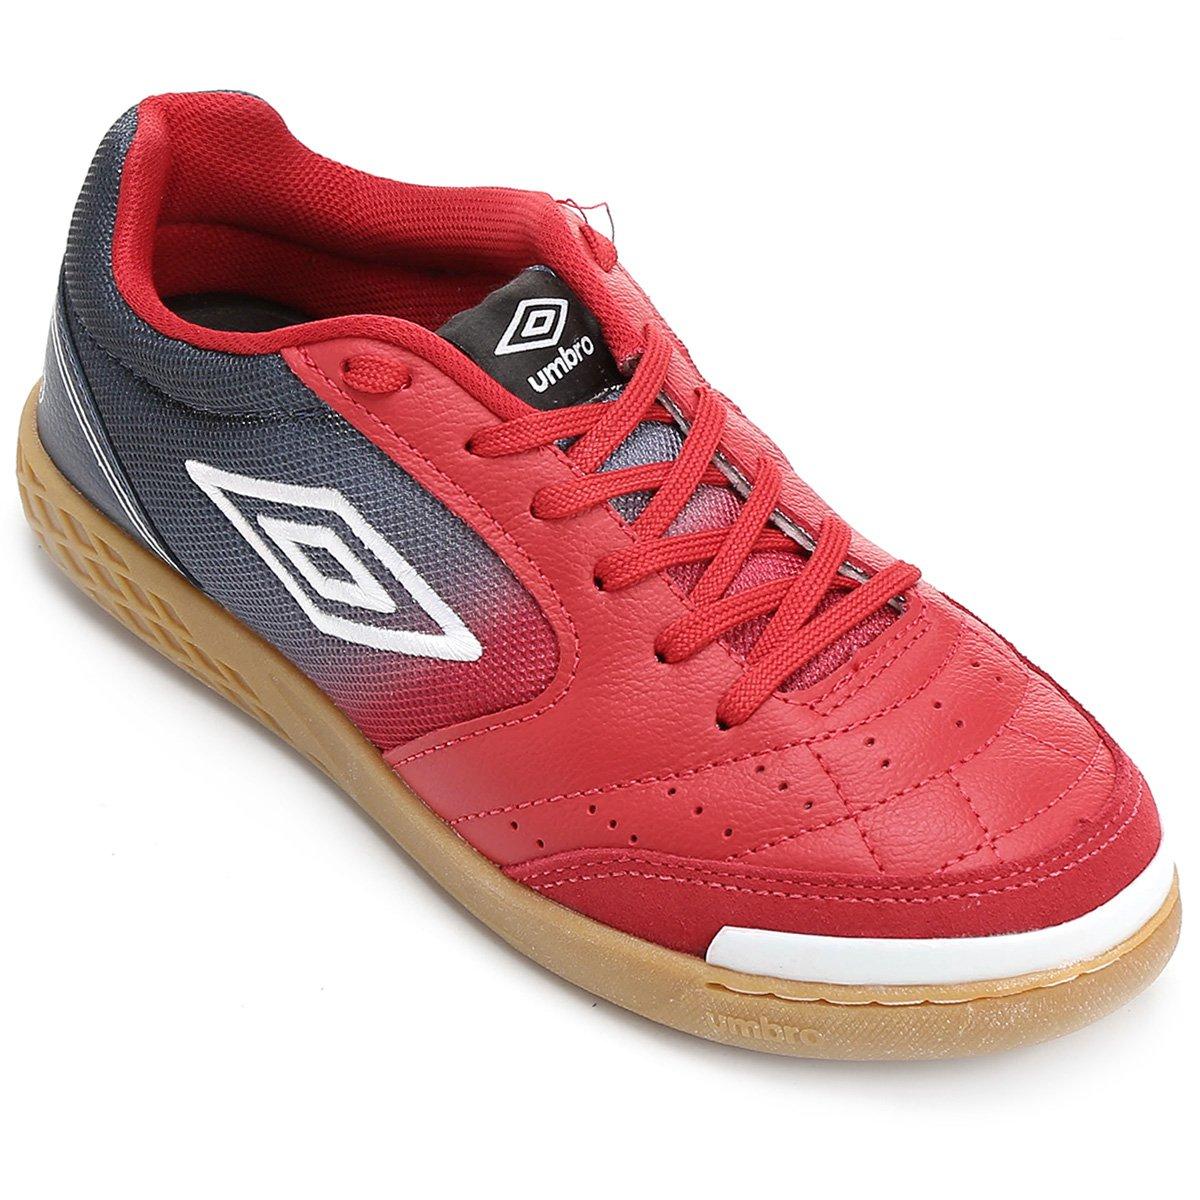 5bd59898bec23 Chuteira Futsal Umbro Box - Compre Agora